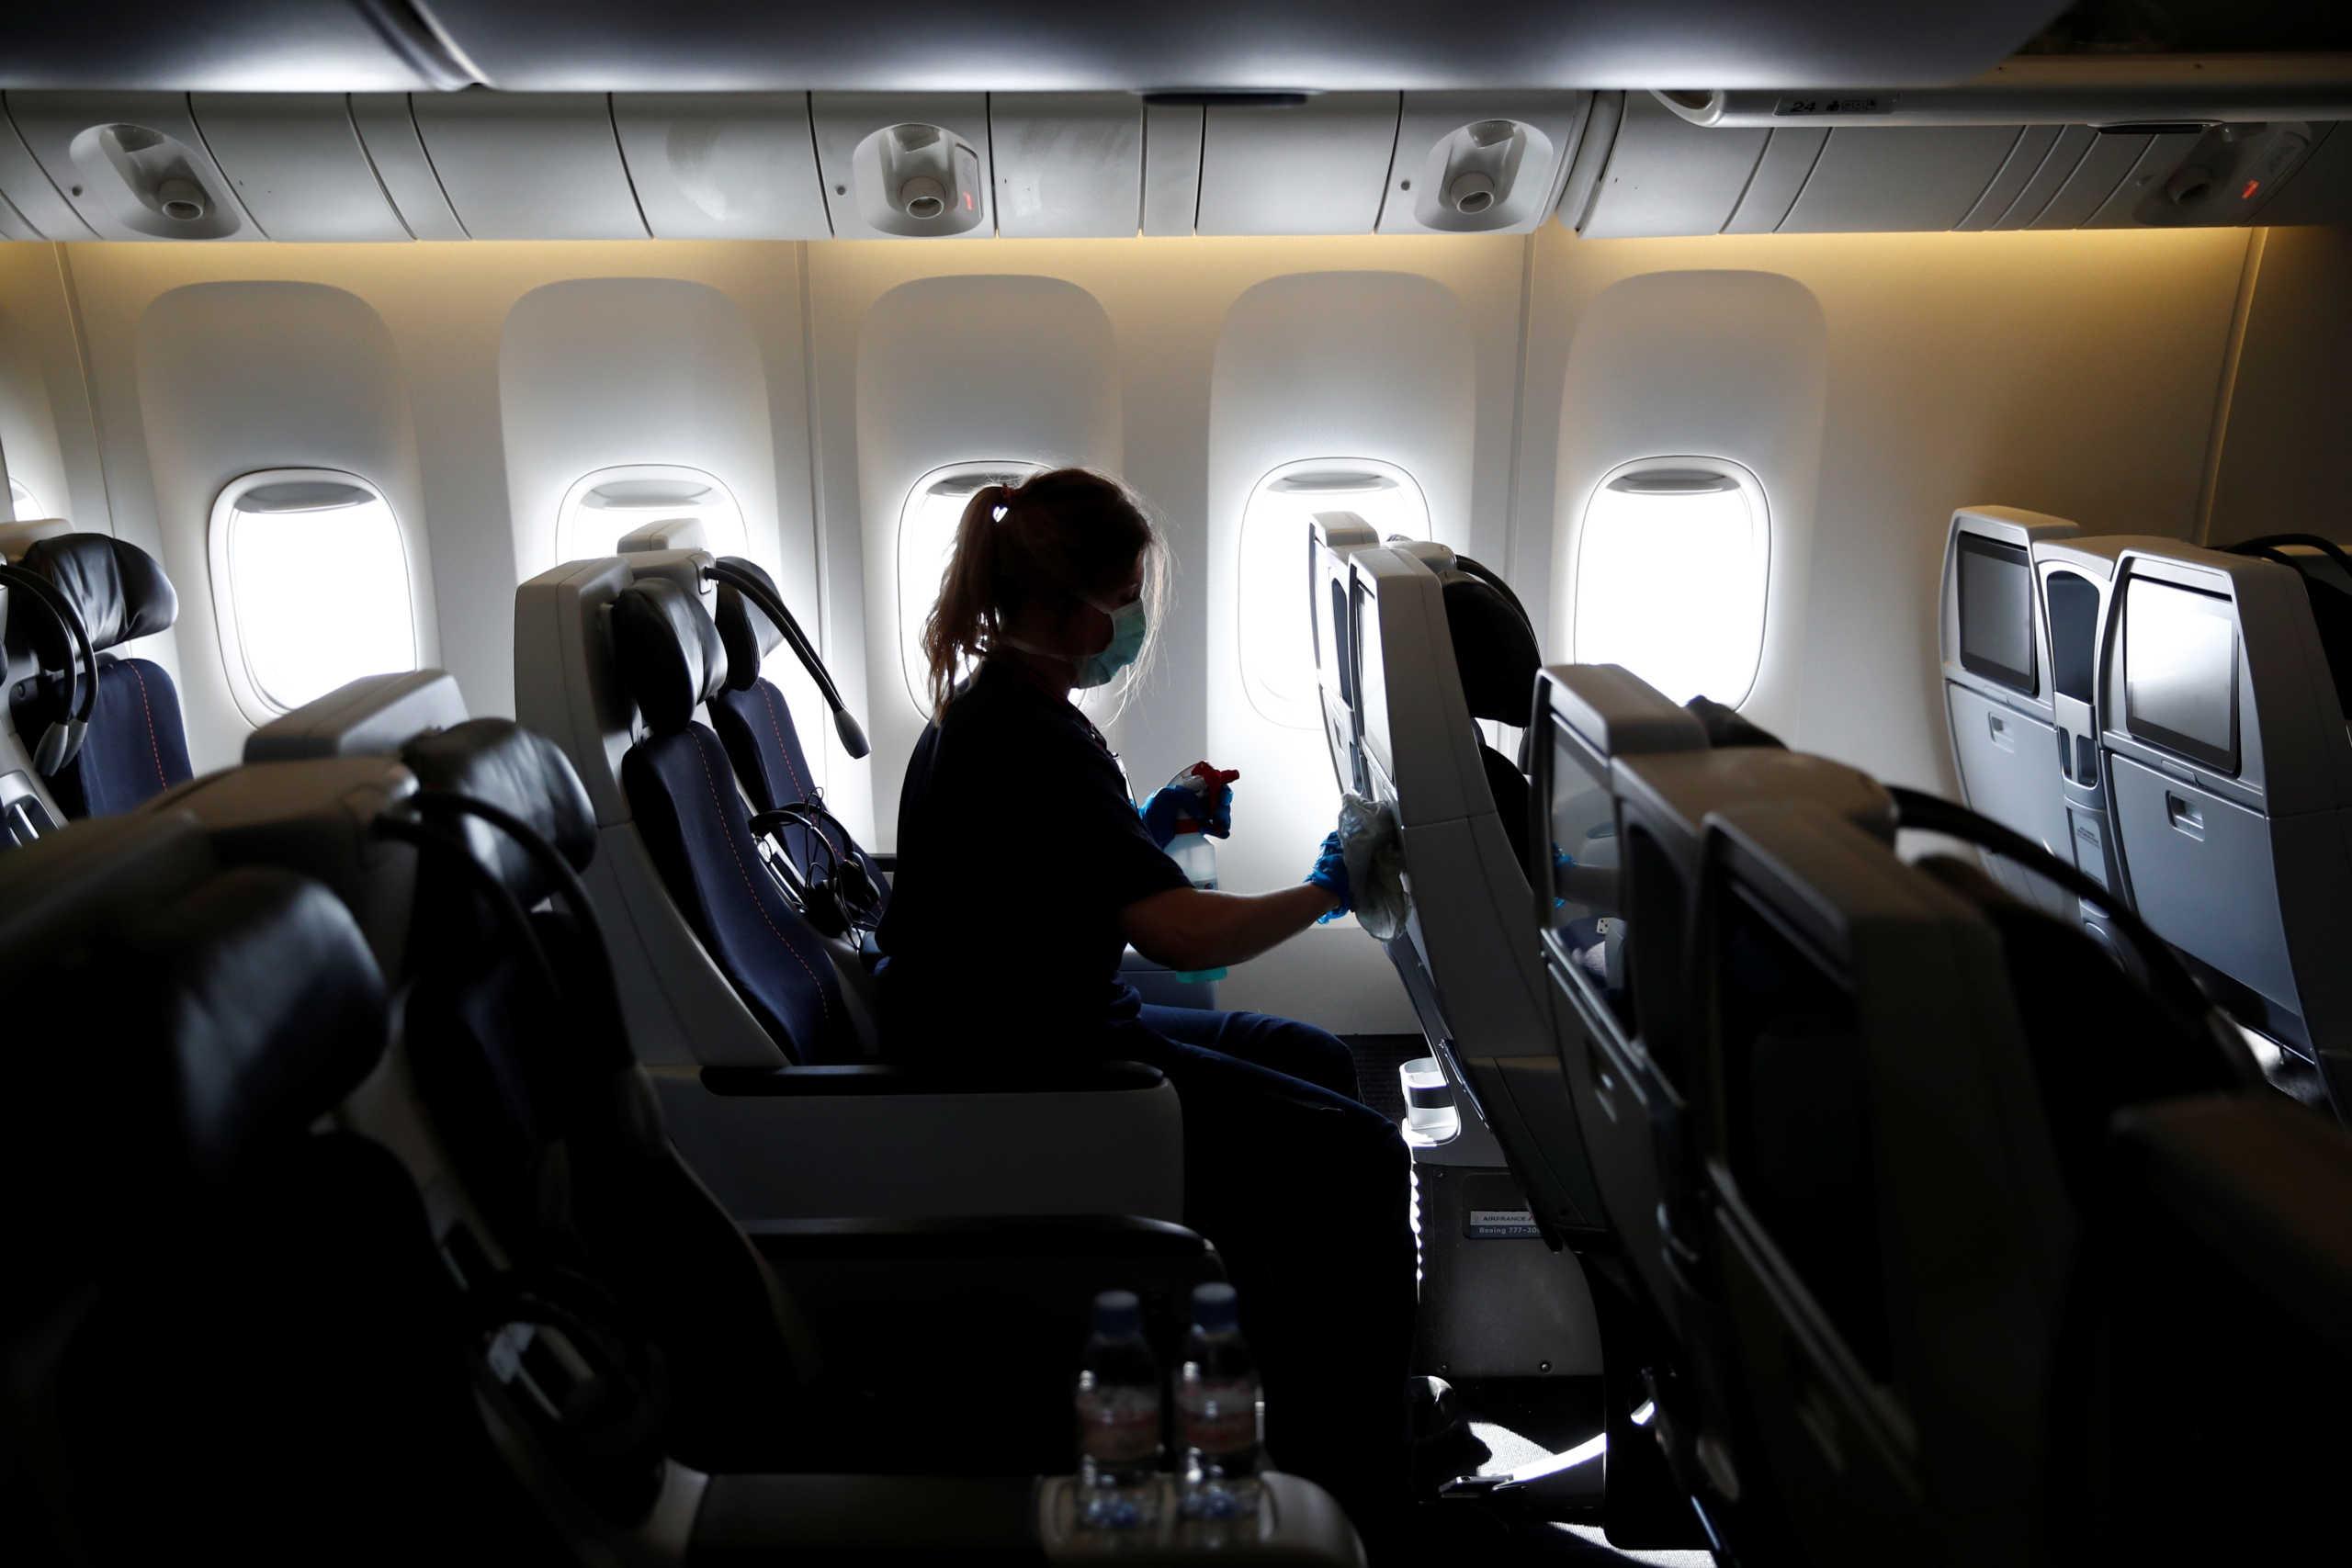 Άνδρας με κορονοϊό, υποδυόμενος την γυναίκα του, κατάφερε να επιβιβαστεί σε αεροπλάνο και να ταξιδέψει